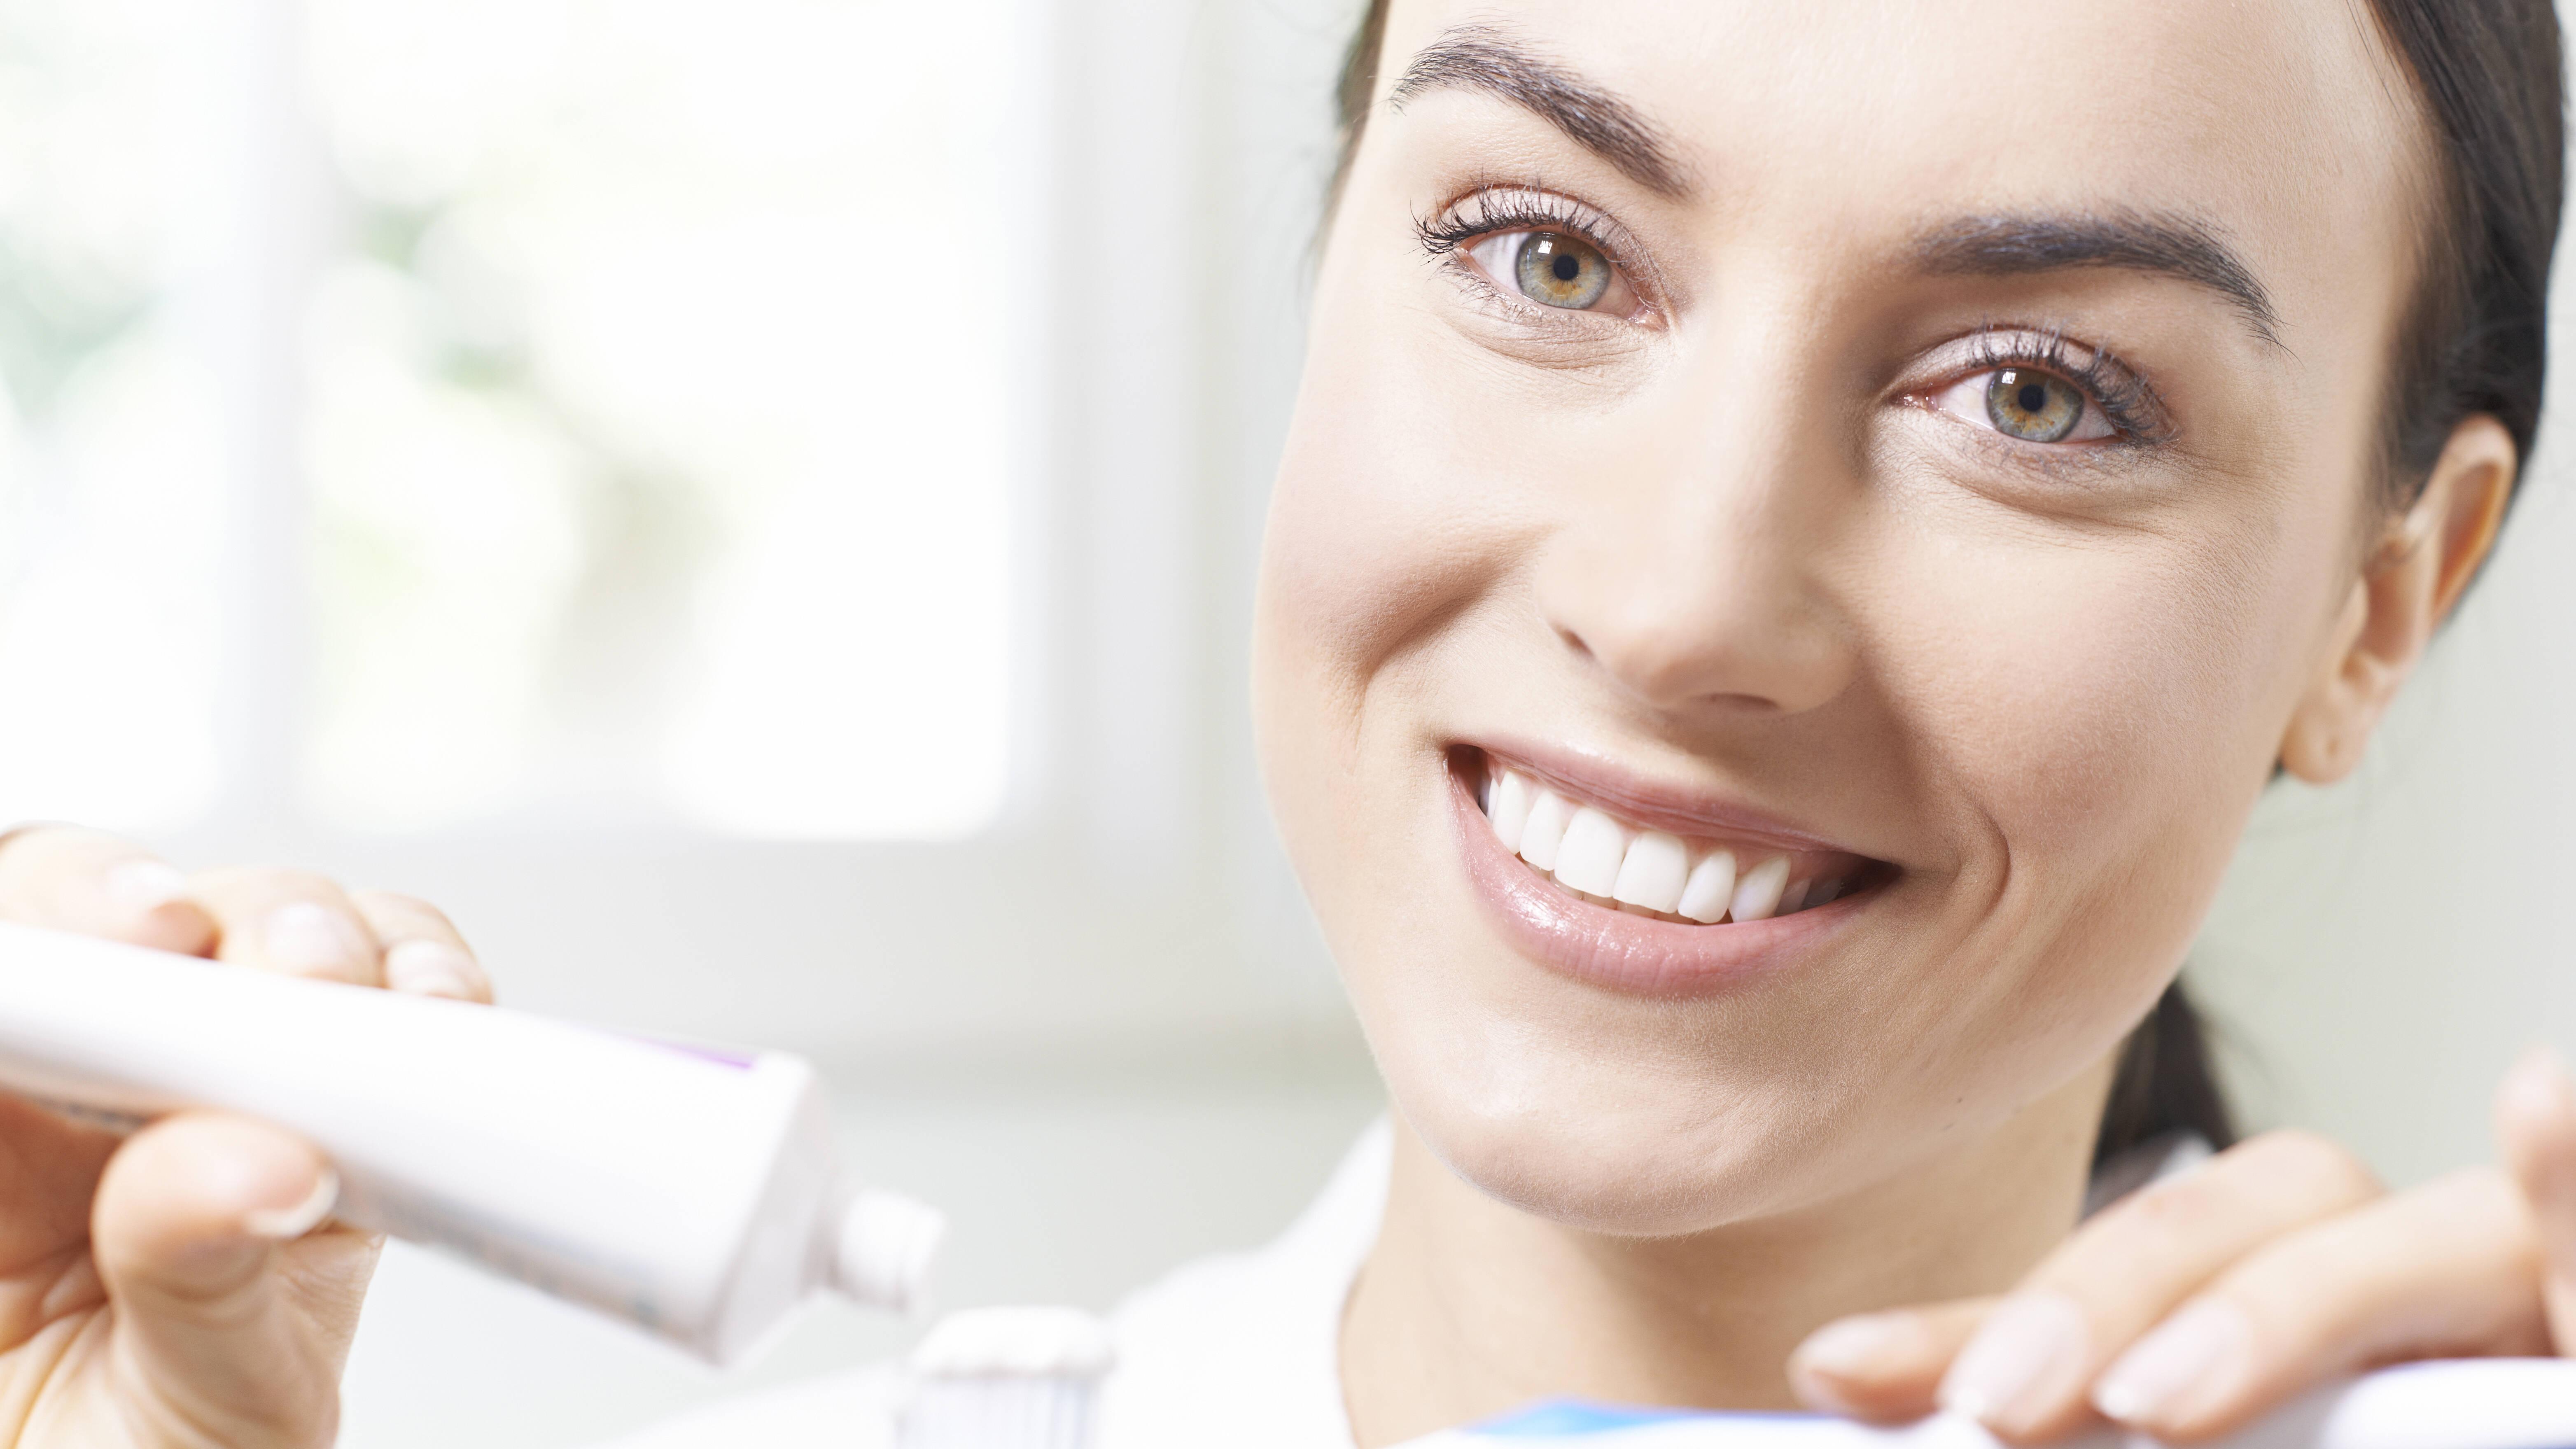 Zahnpasta hilft zwar gegen Pickel, aber dennoch sollten Sie auf andere Hausmittel zurückgreifen.